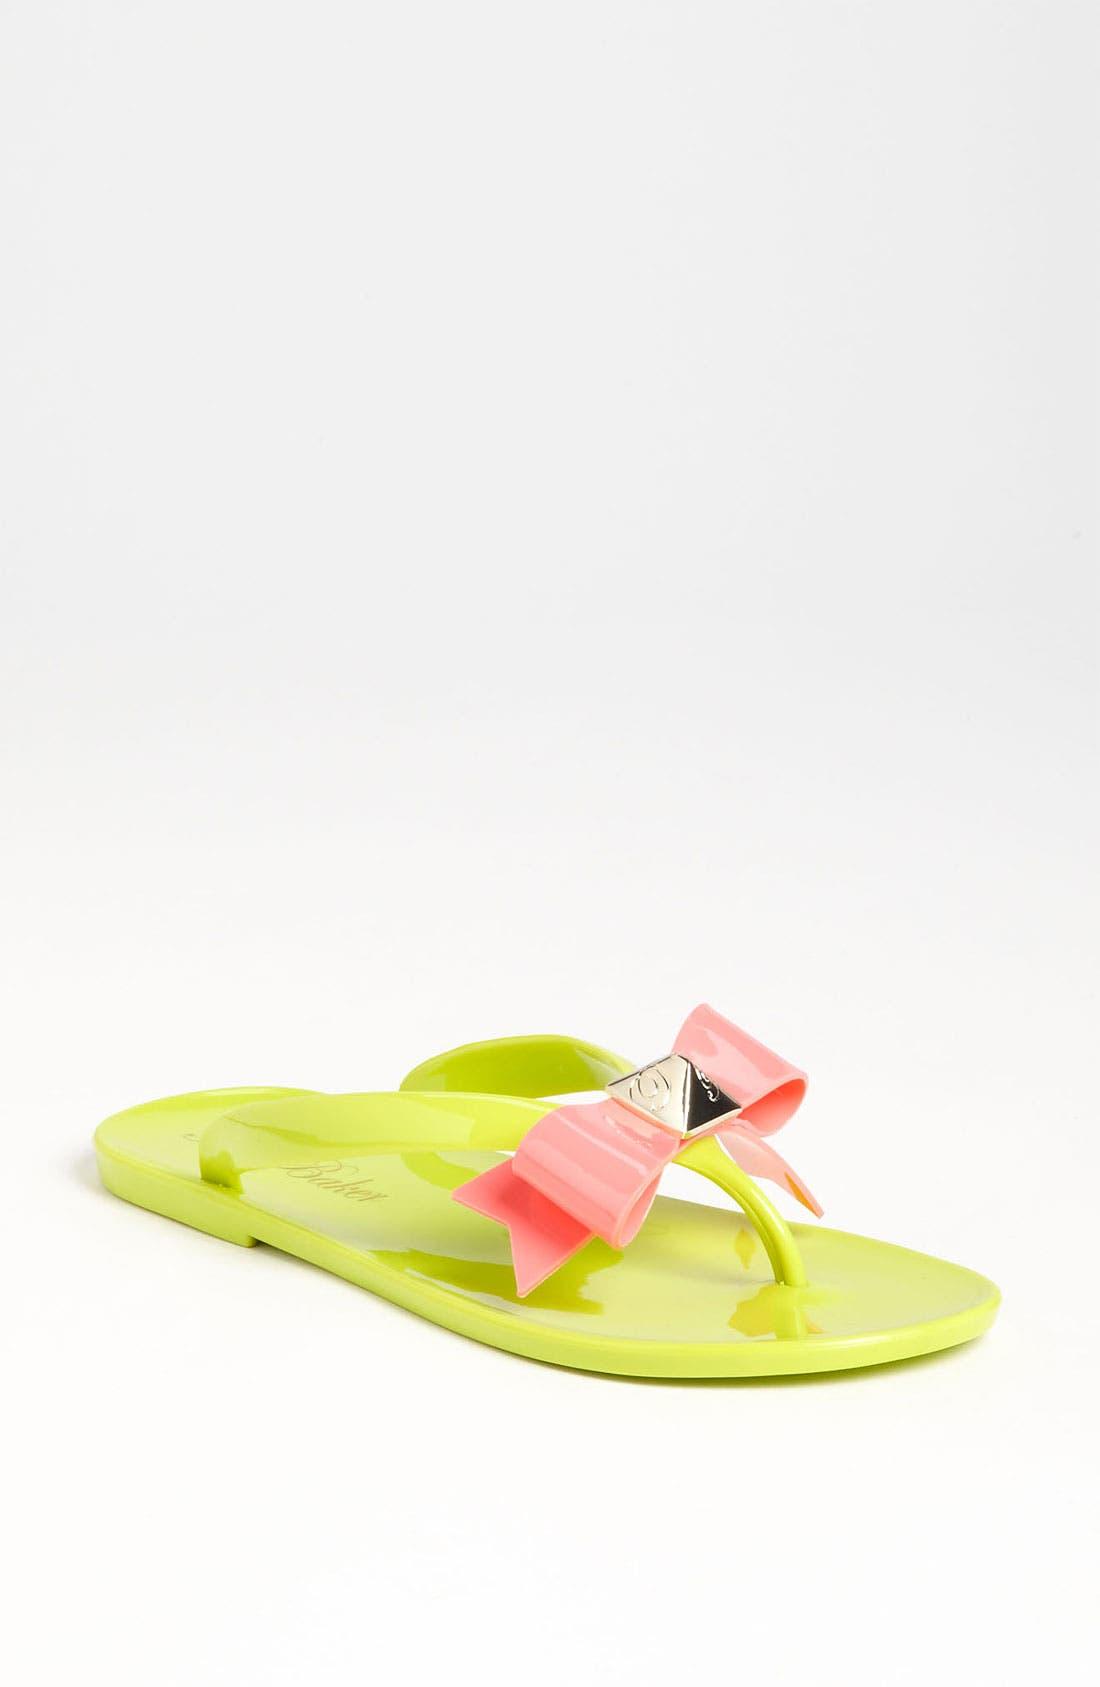 Alternate Image 1 Selected - Ted Baker London 'Polee' Flip Flop